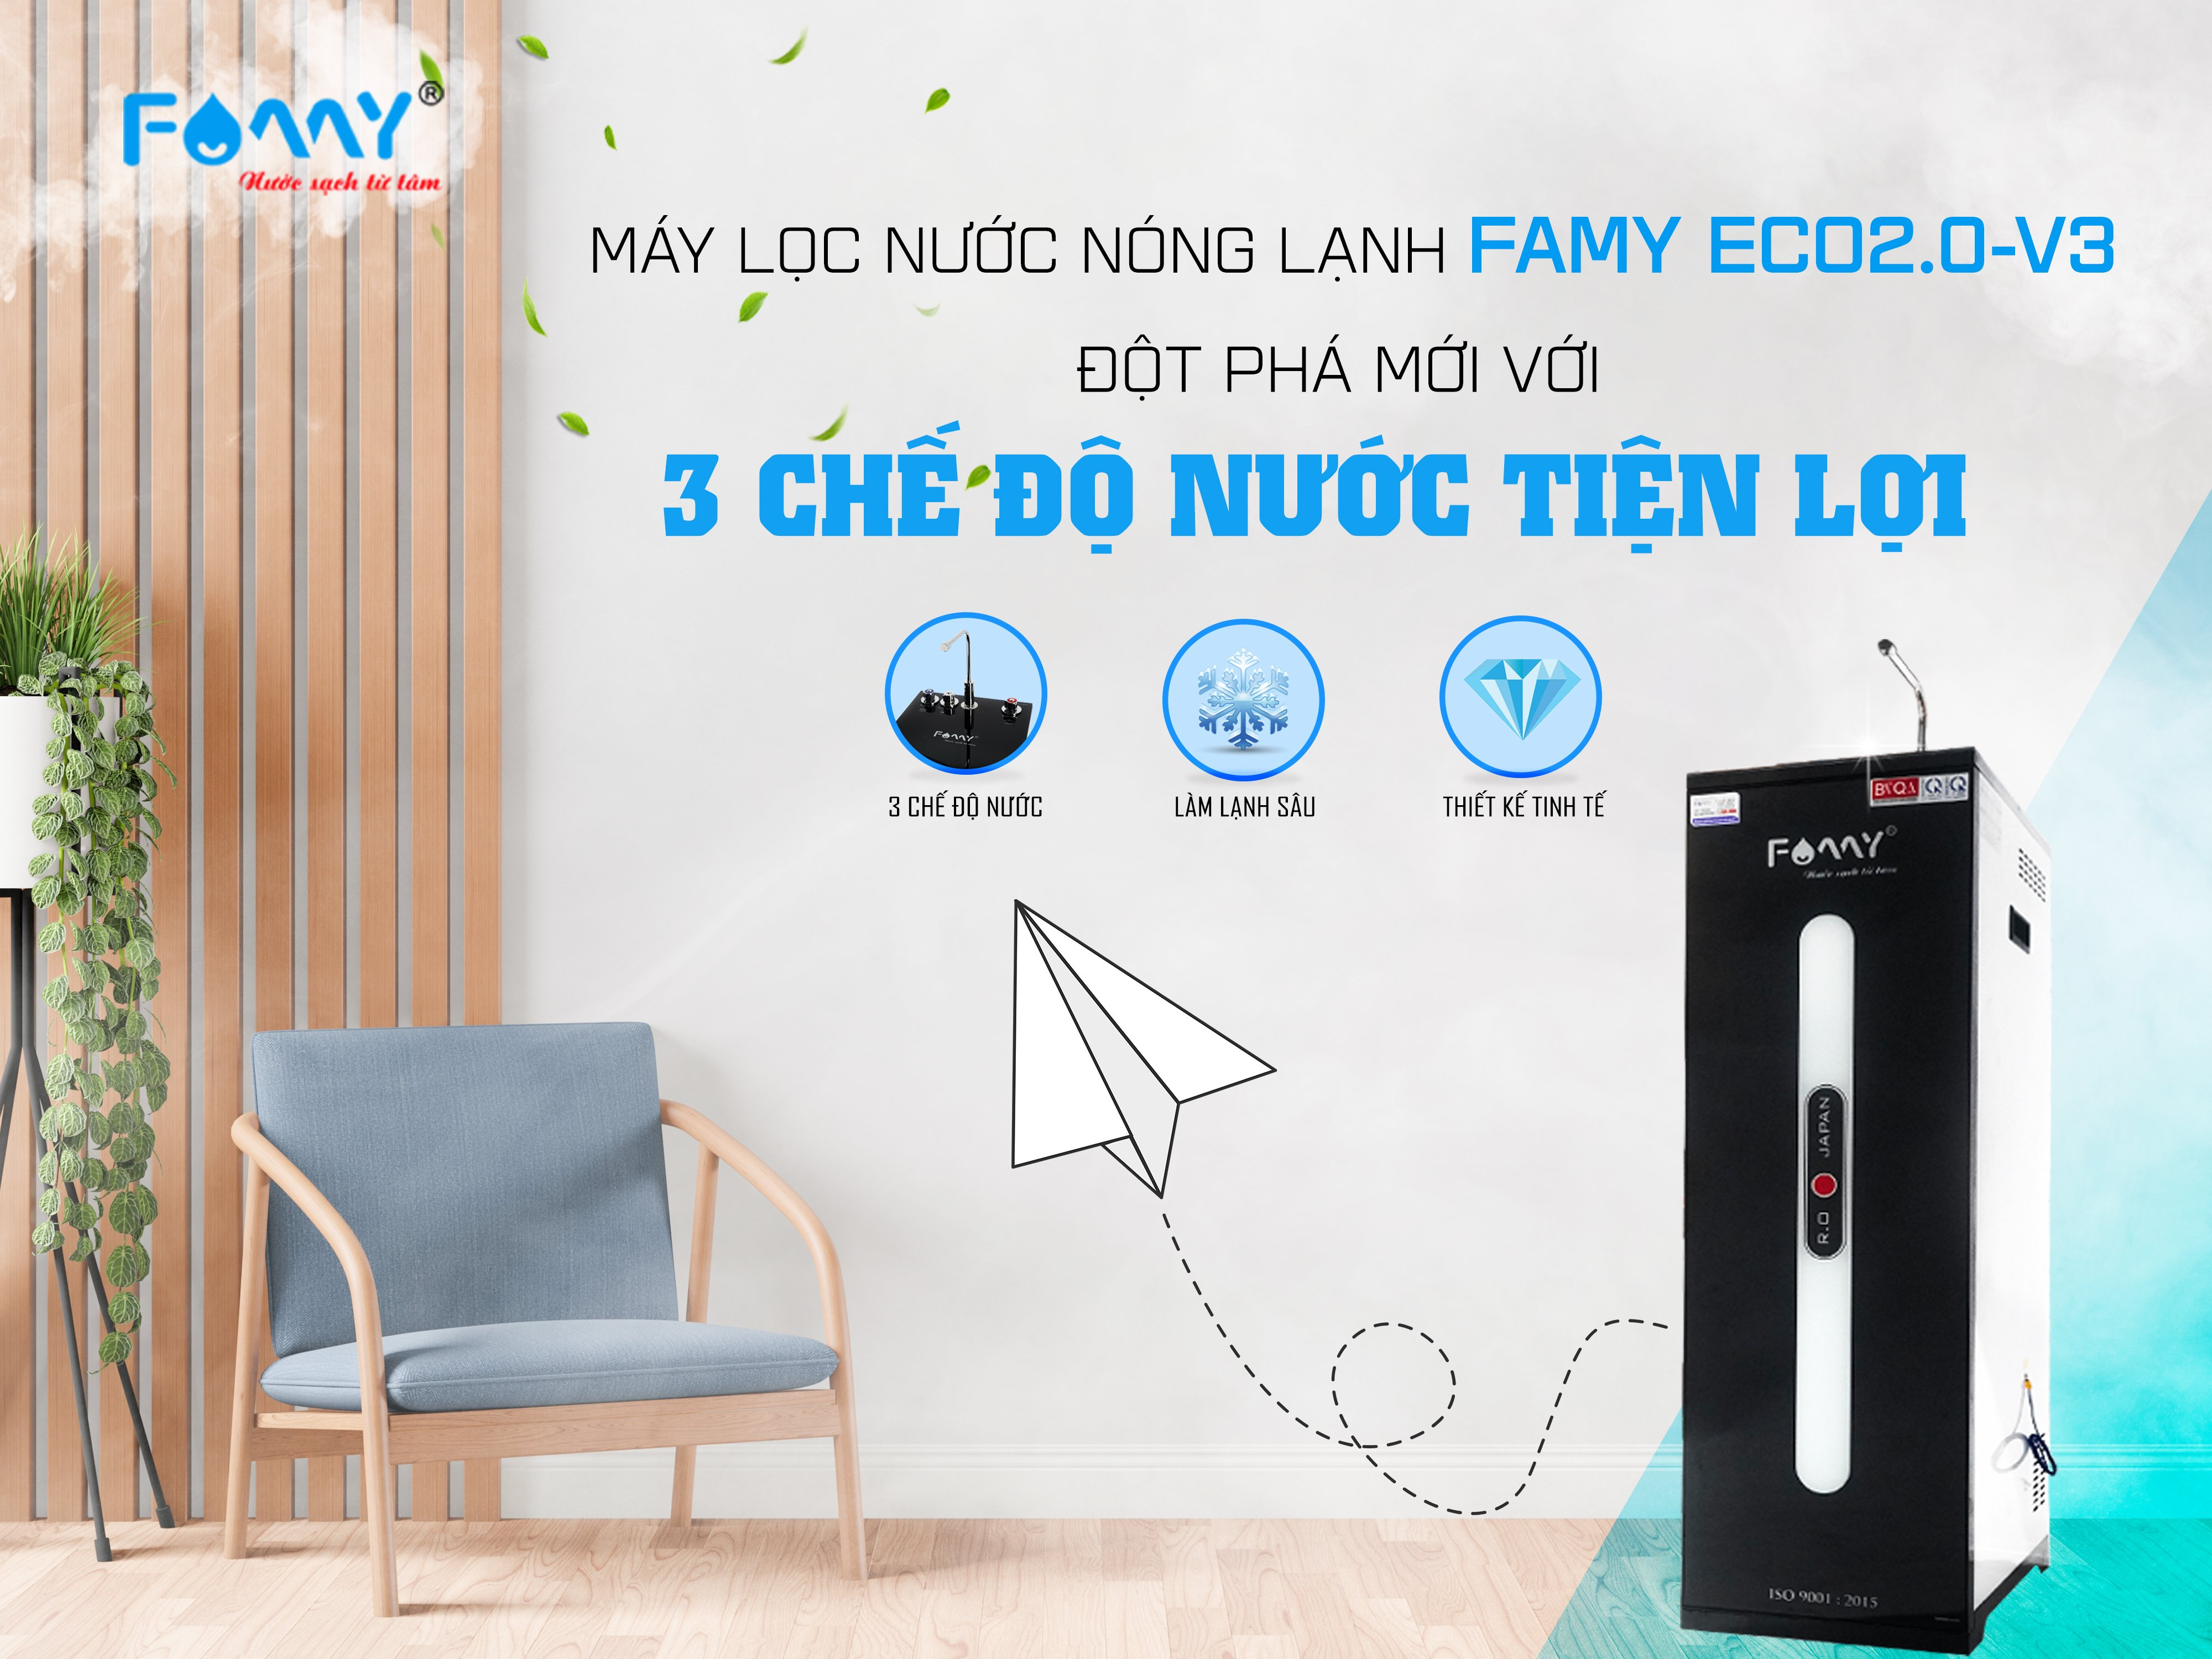 Máy lọc nước nóng lạnh Famy một sản phẩm tiện dung cho cuộc sống nhà bạn